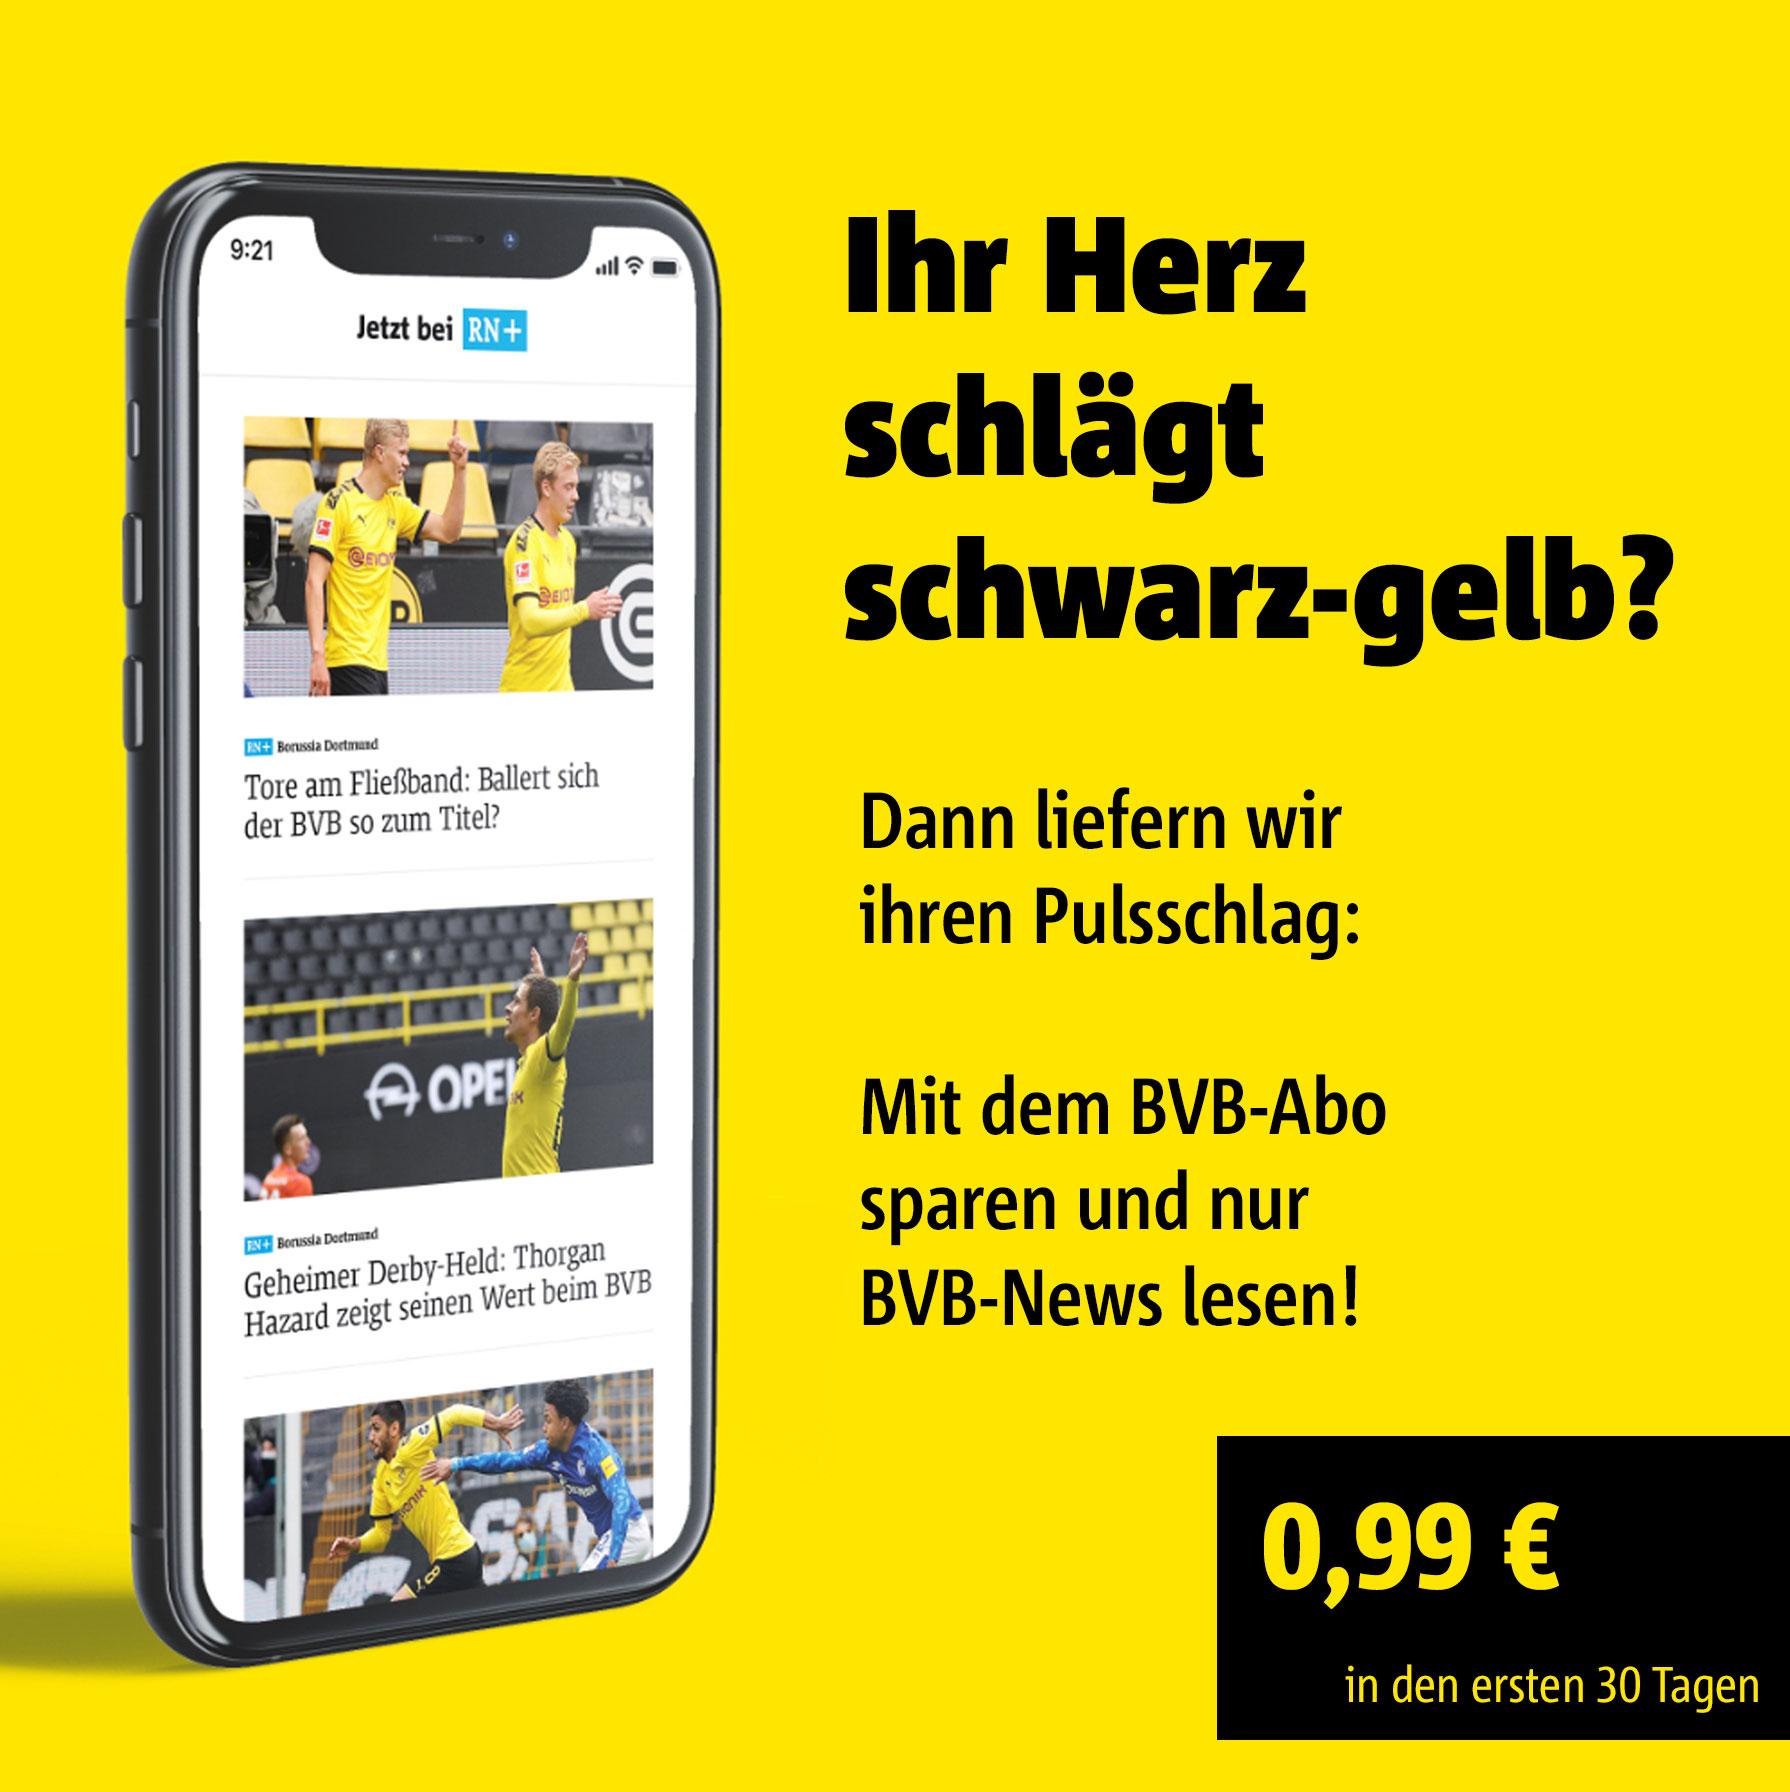 Zorc Dementiert Brandt Geruchte Bvb Als Jager Nach Leipzig